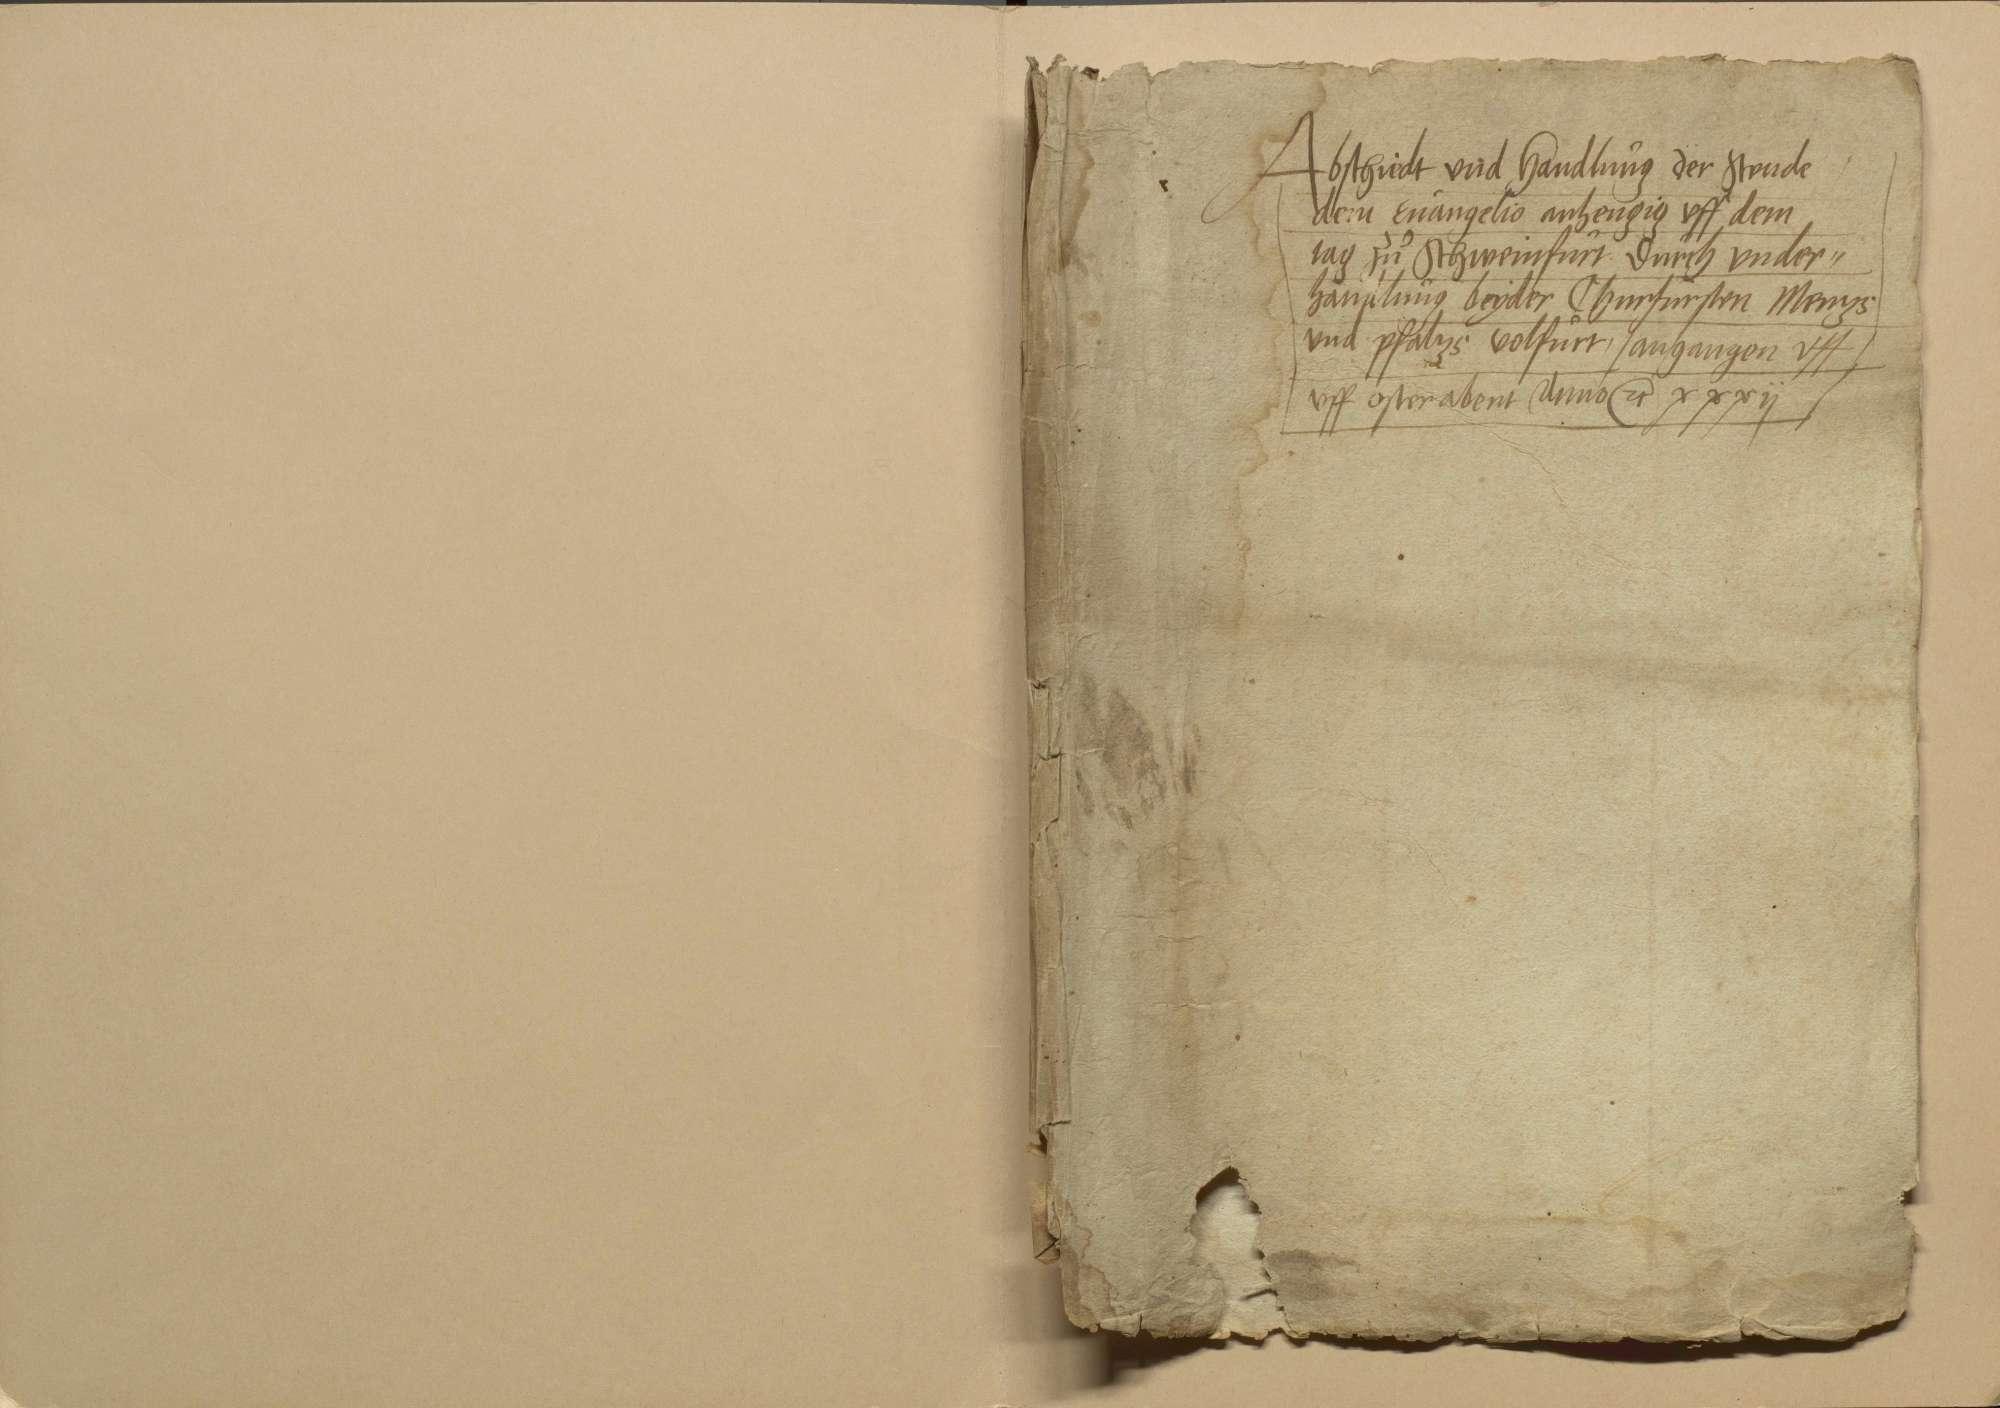 Zusammenkunft der protestantischen Stände und der beiden katholischen Kurfürsten Mainz und Pfalz zu Schweinfurt am Ostertag (am 31. März) 1532 wegen gütlicher Auseinandersetzung der Religionsstreitigkeiten, Bild 2